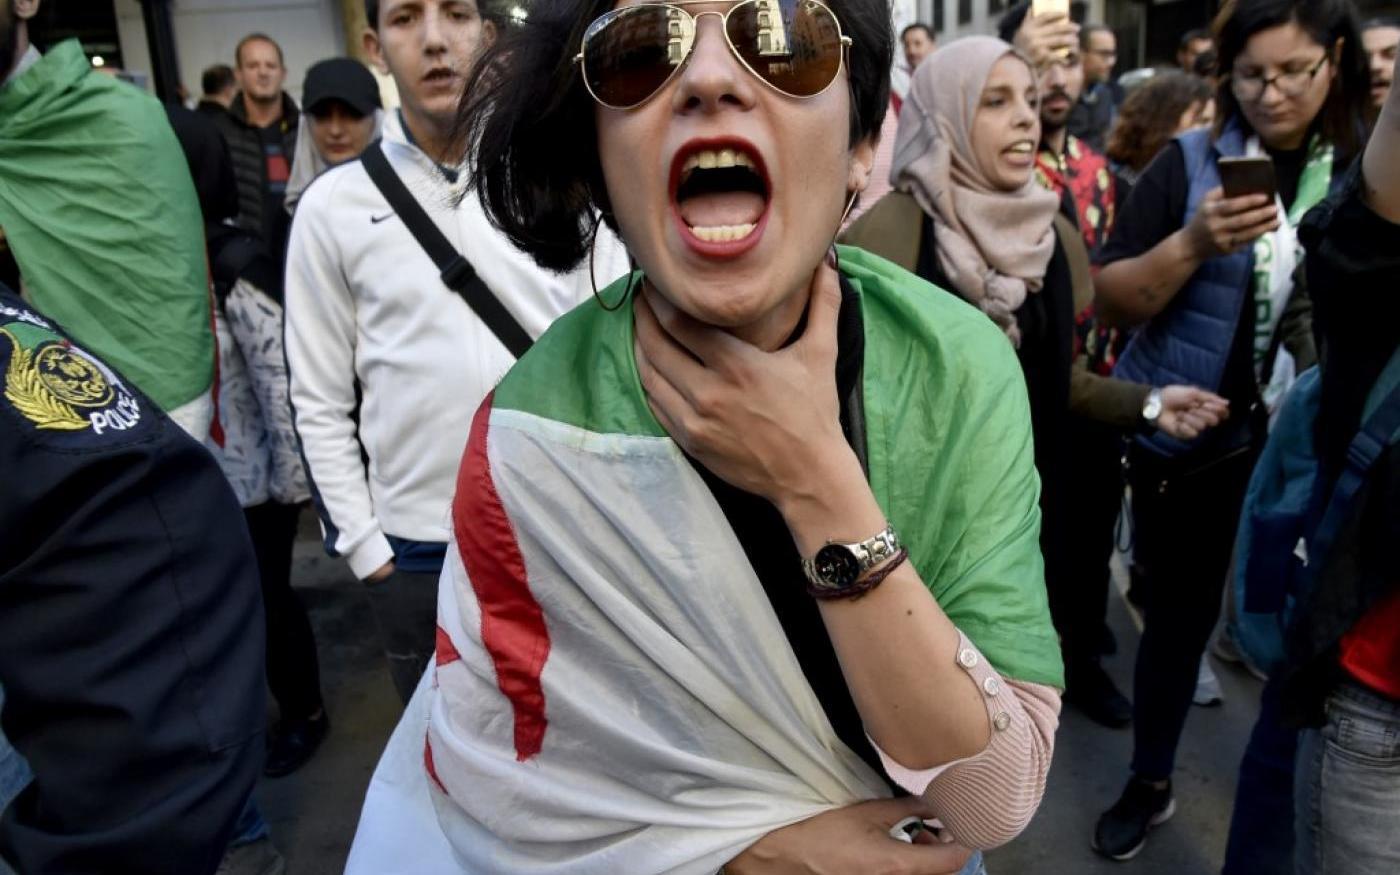 Le dimanche 14 avril, pendant un rassemblement au centre d'Alger (AFP)